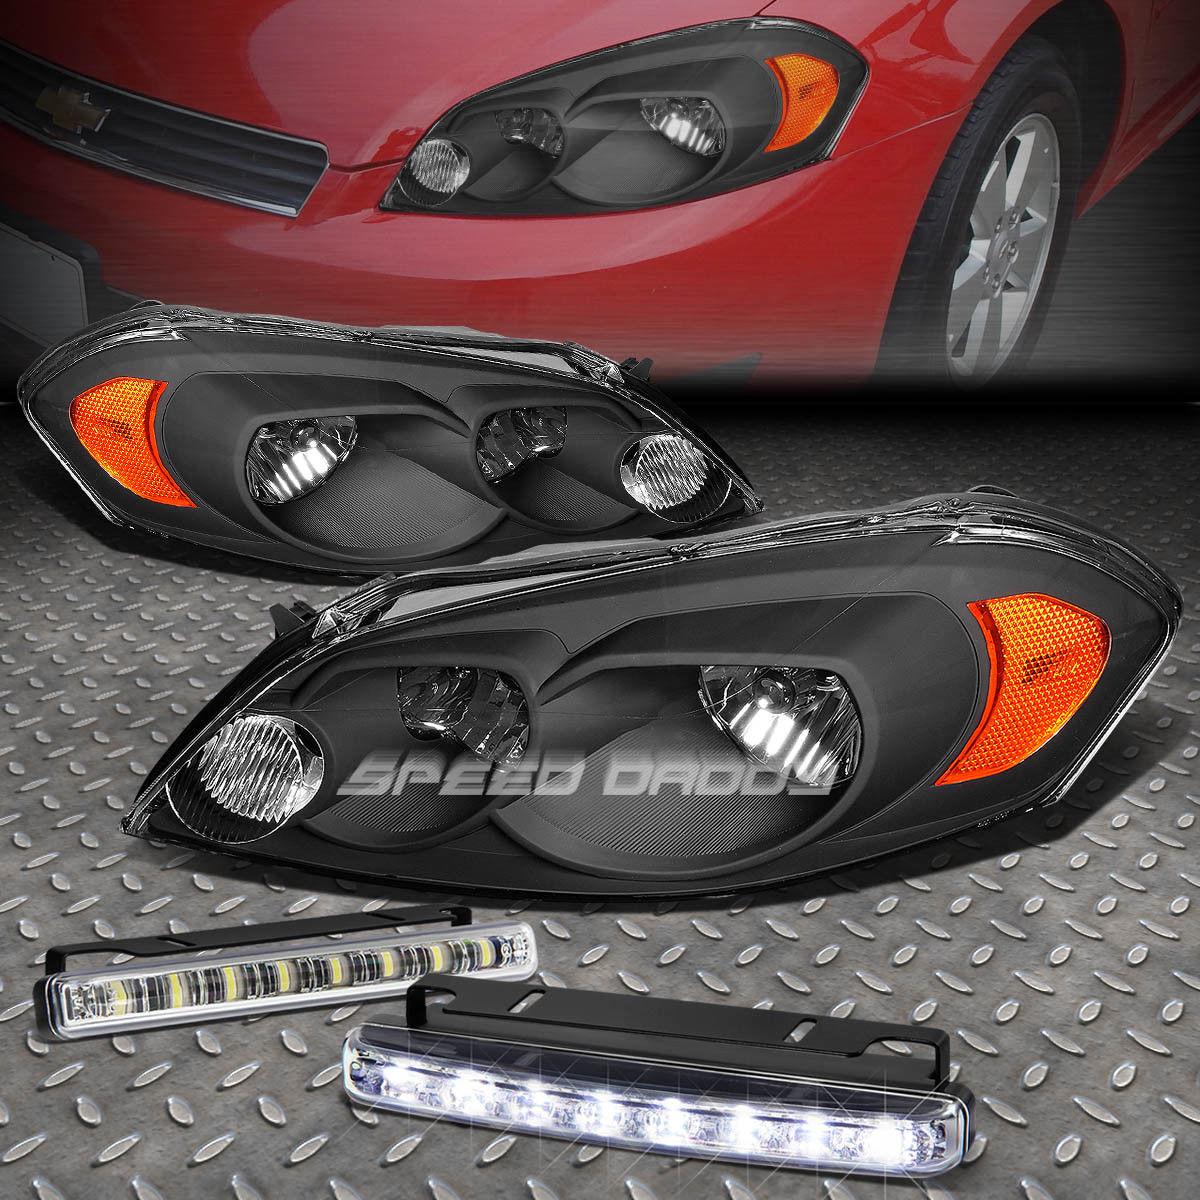 フォグライト BLACK HOUSING CLEAR LENS+AMBER CORNER HEADLIGHT+LED FOG LIGHT FOR 06-16 IMPALA BLACK HOUSING CLEAR LENS +アンバーコーナーヘッドライト+ 06-16 IMPALA用LED FOGライト